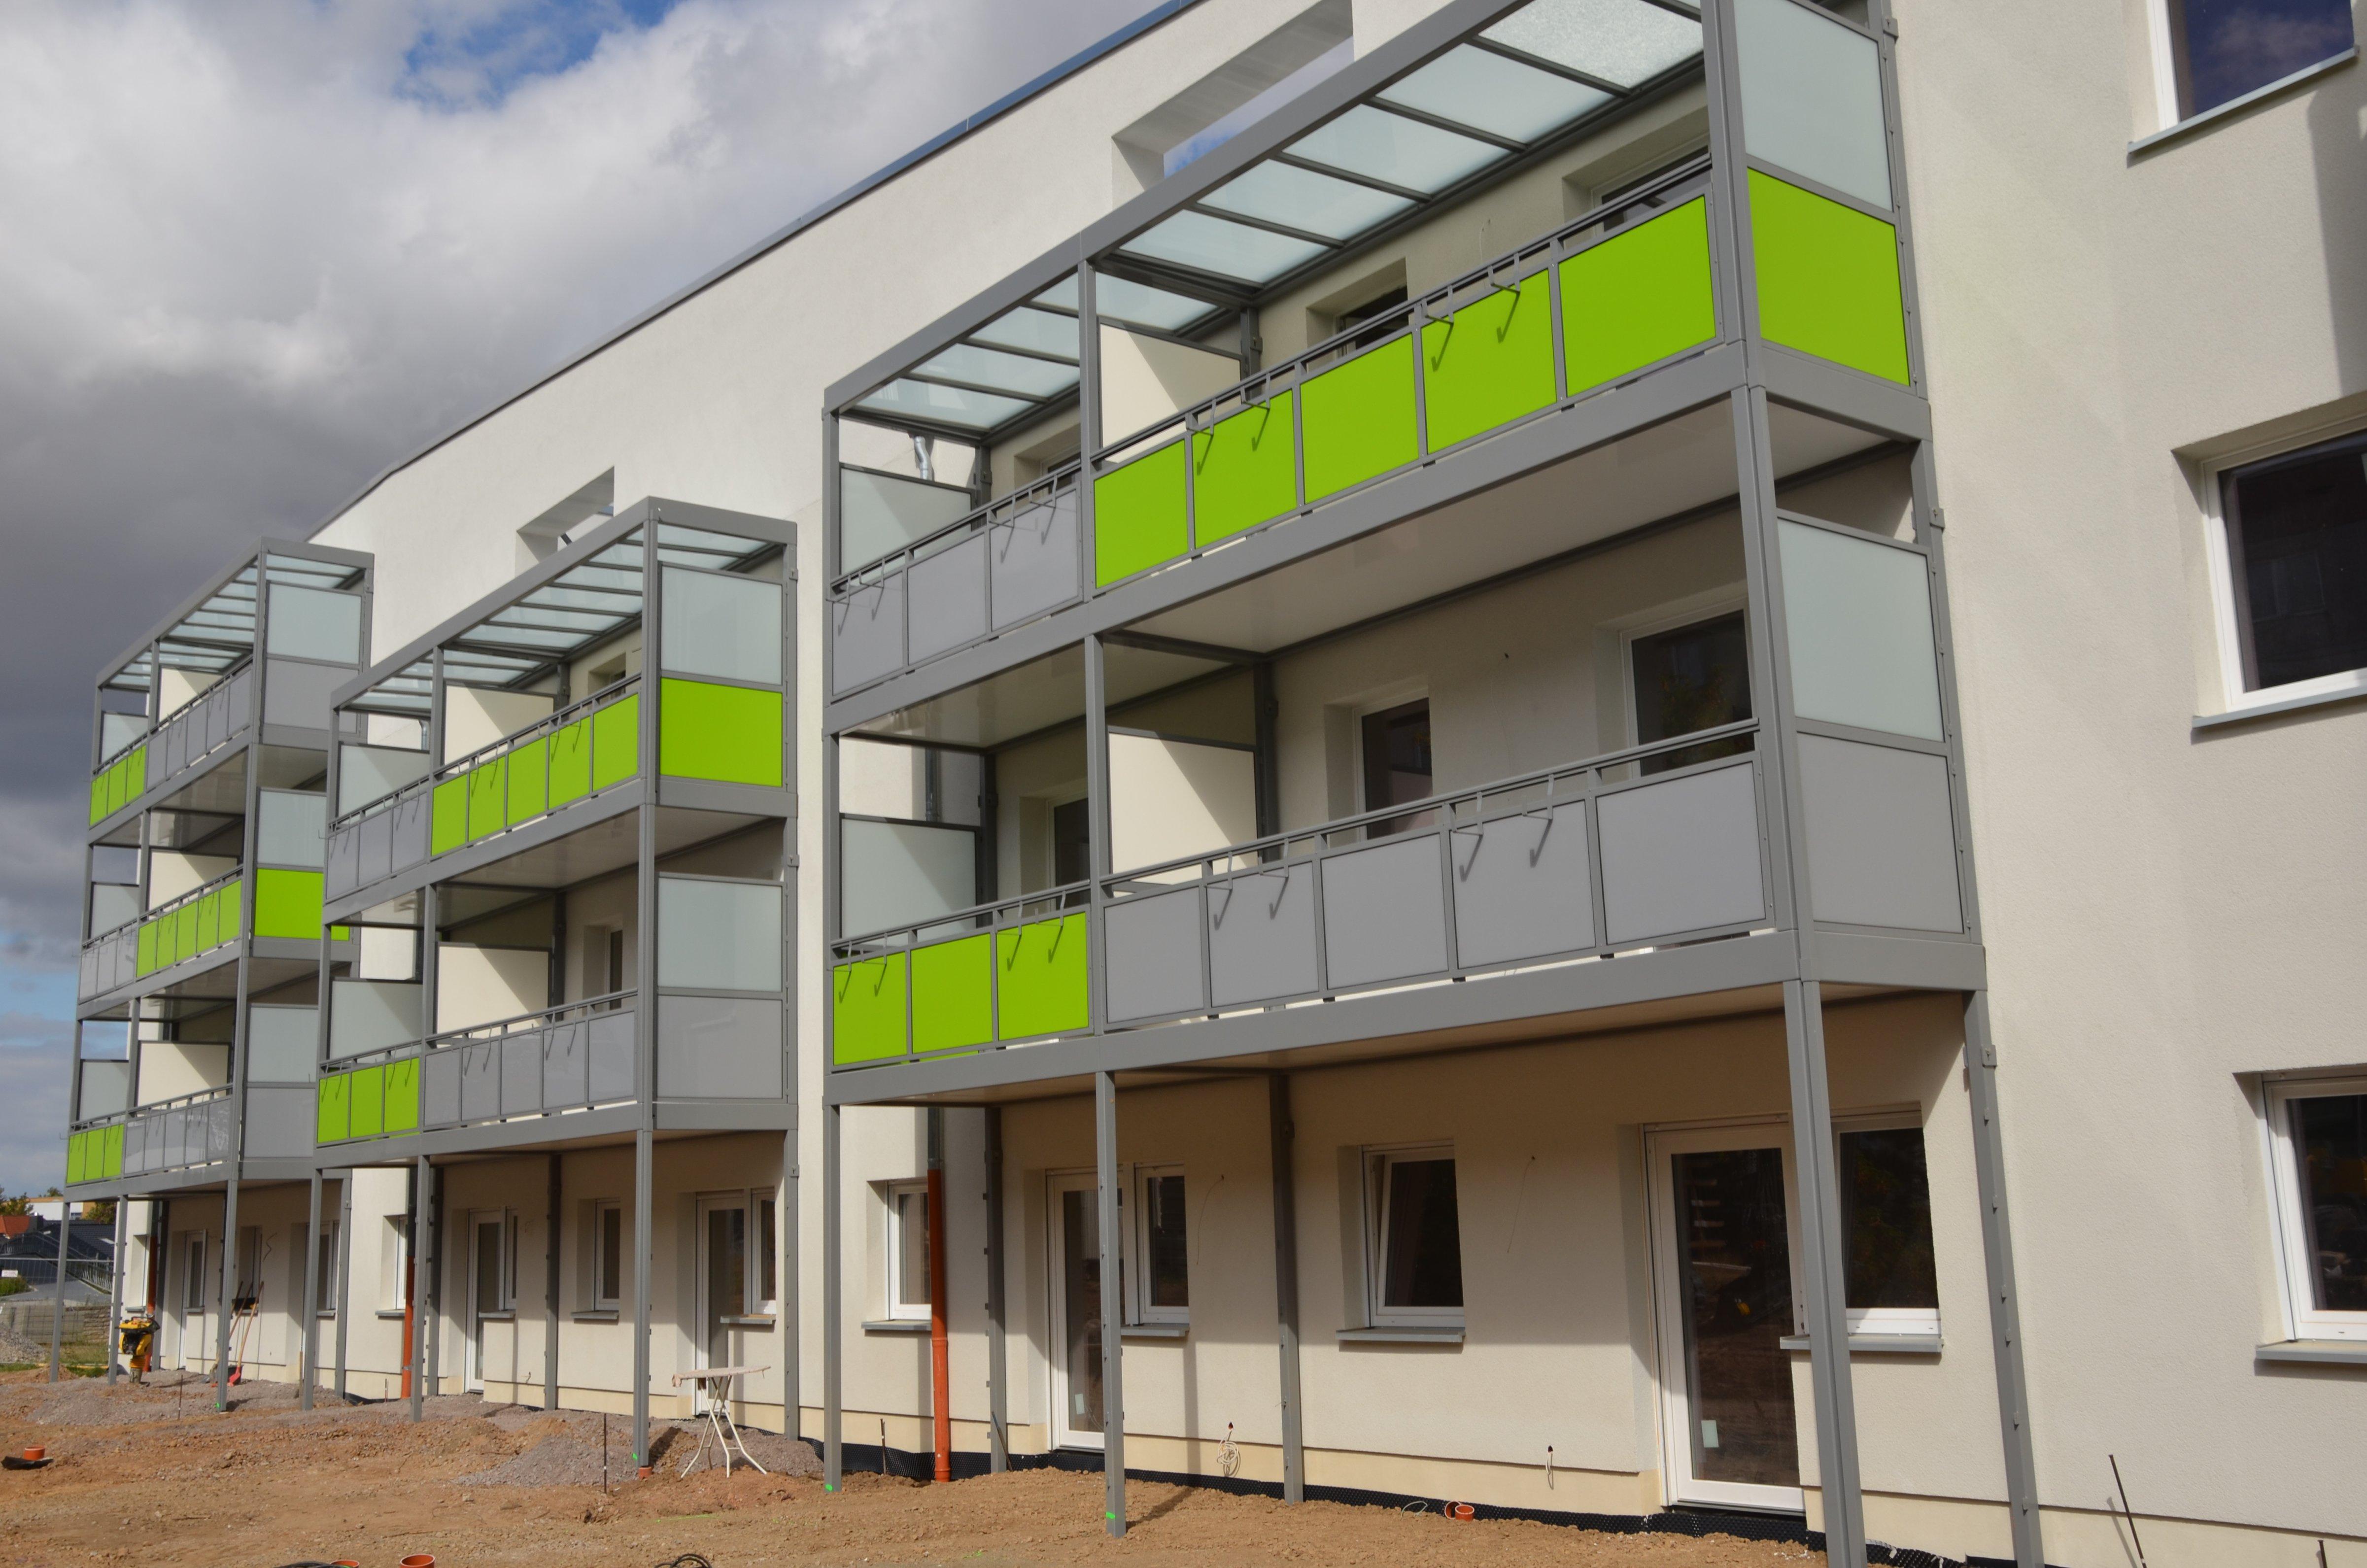 Echtes Vorzeigeobjekt: In den Umbau des Hauses Ahornweg 4-7 fließen derzeit rund 2,6 Millionen Euro.